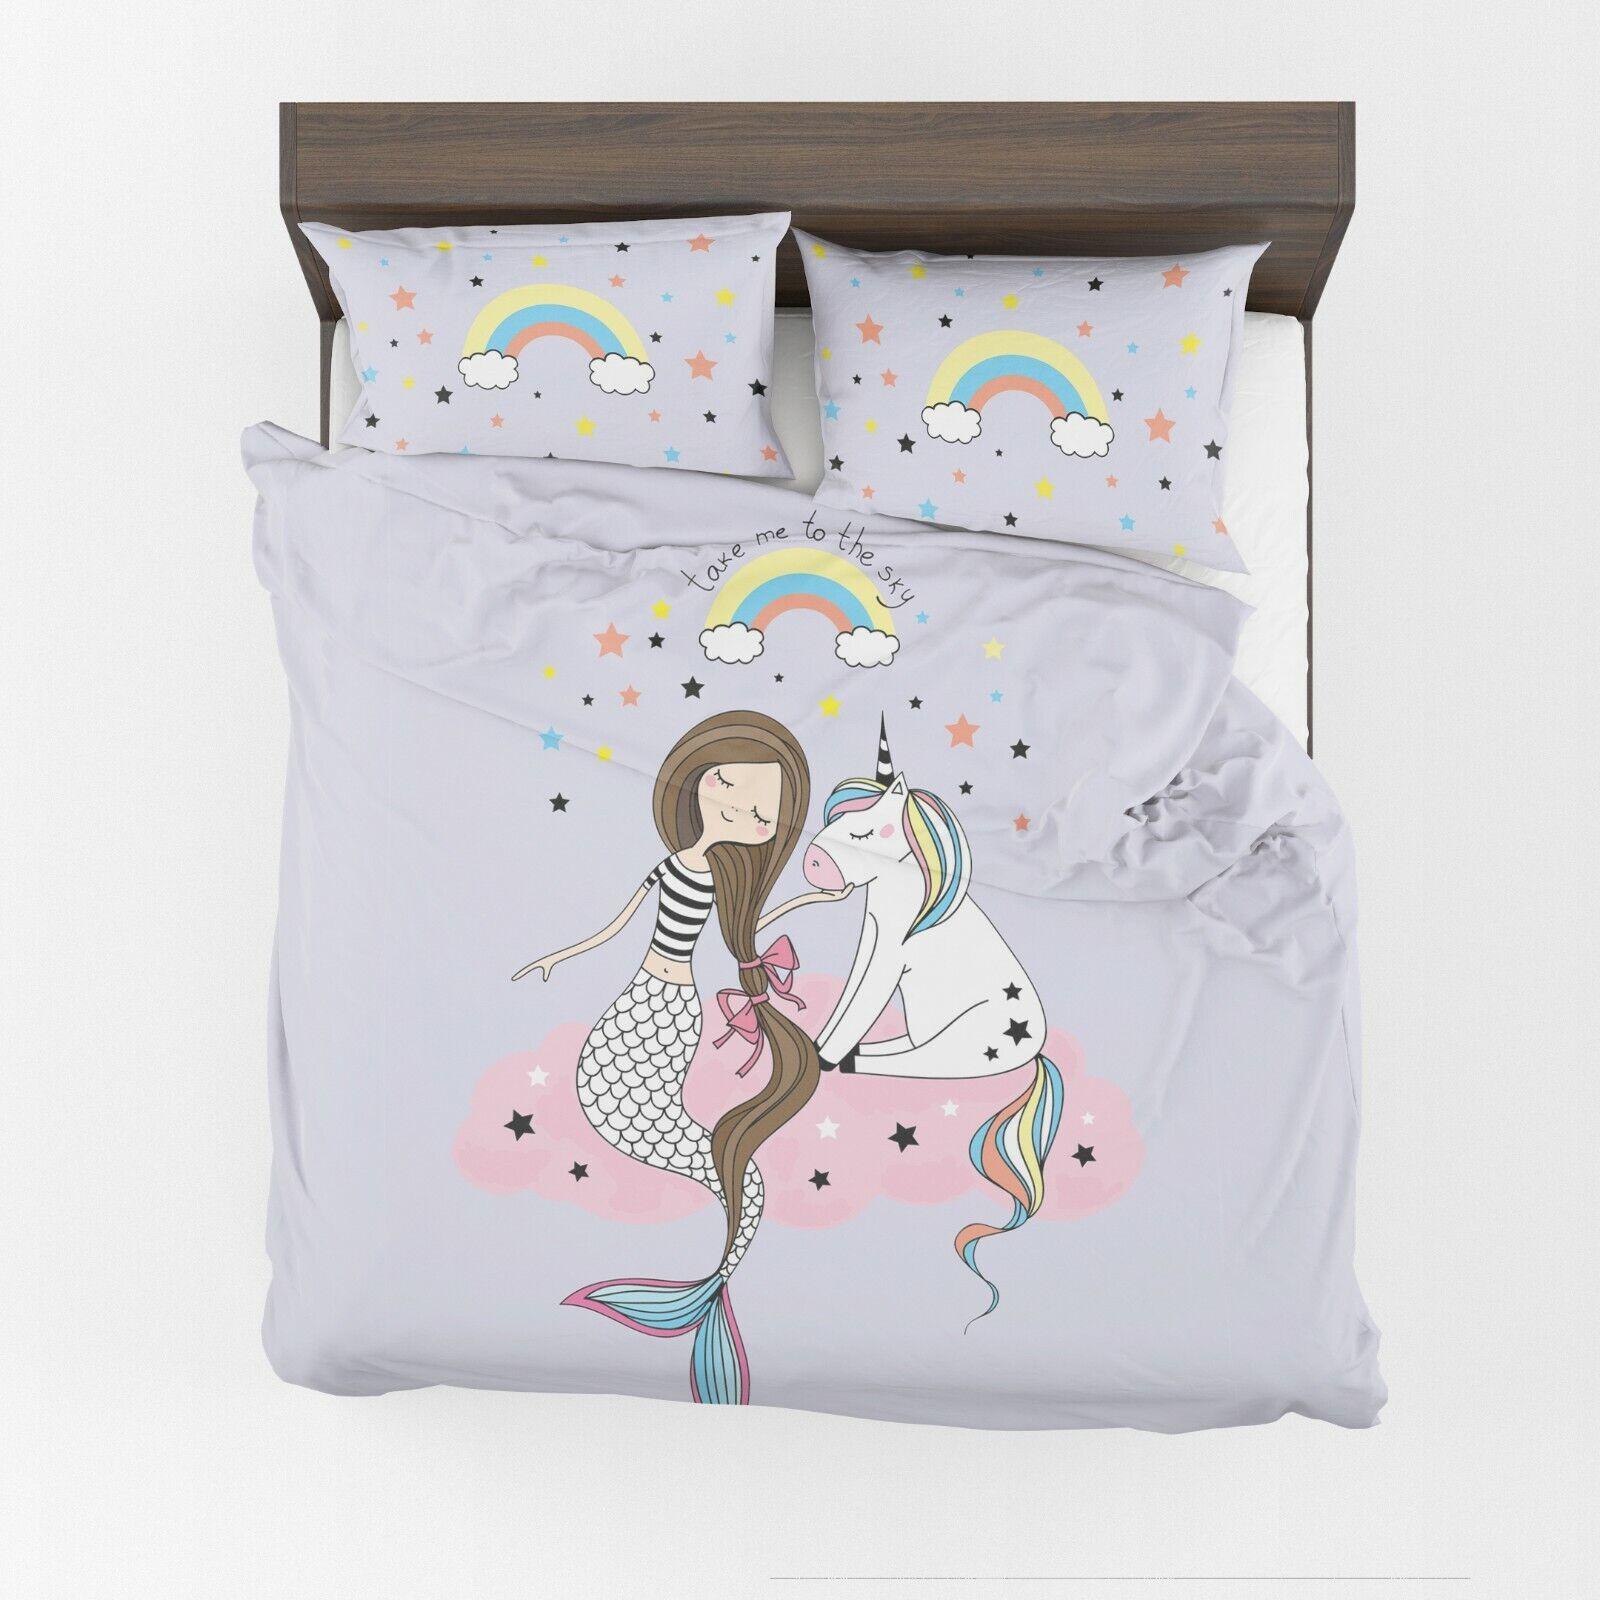 Mermaid unicorn Duvet Cover or Comforter girls lavender bedd